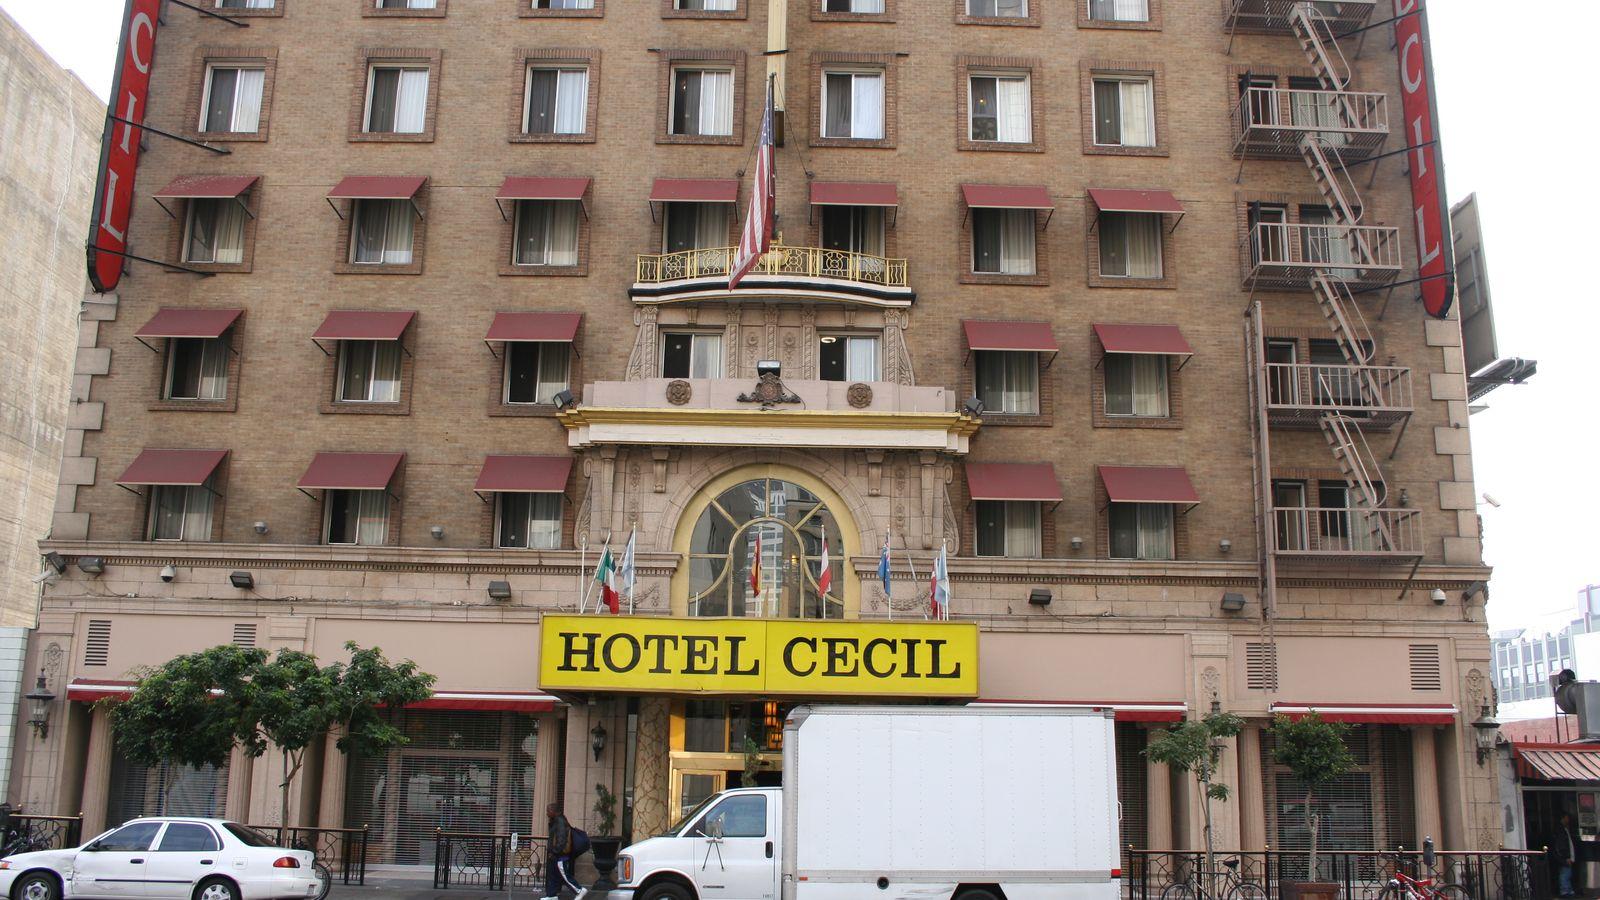 Отель Cecil на 600 номеров, после ребрендинга переименованный в Stay on Main Hotel, славится тем, чт